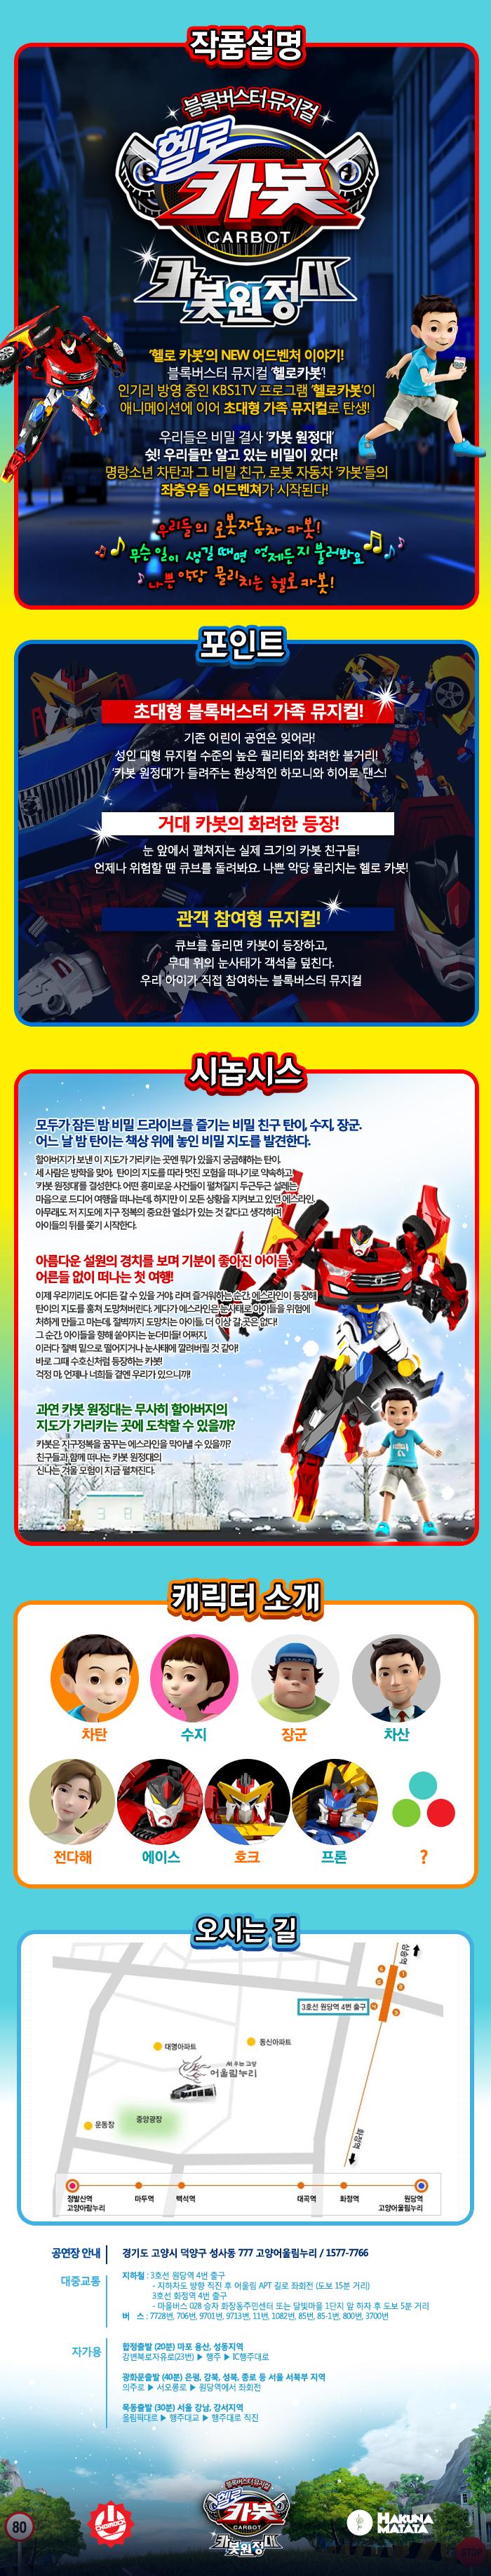 블록버스터 뮤지컬 ′헬로 카봇′-고양